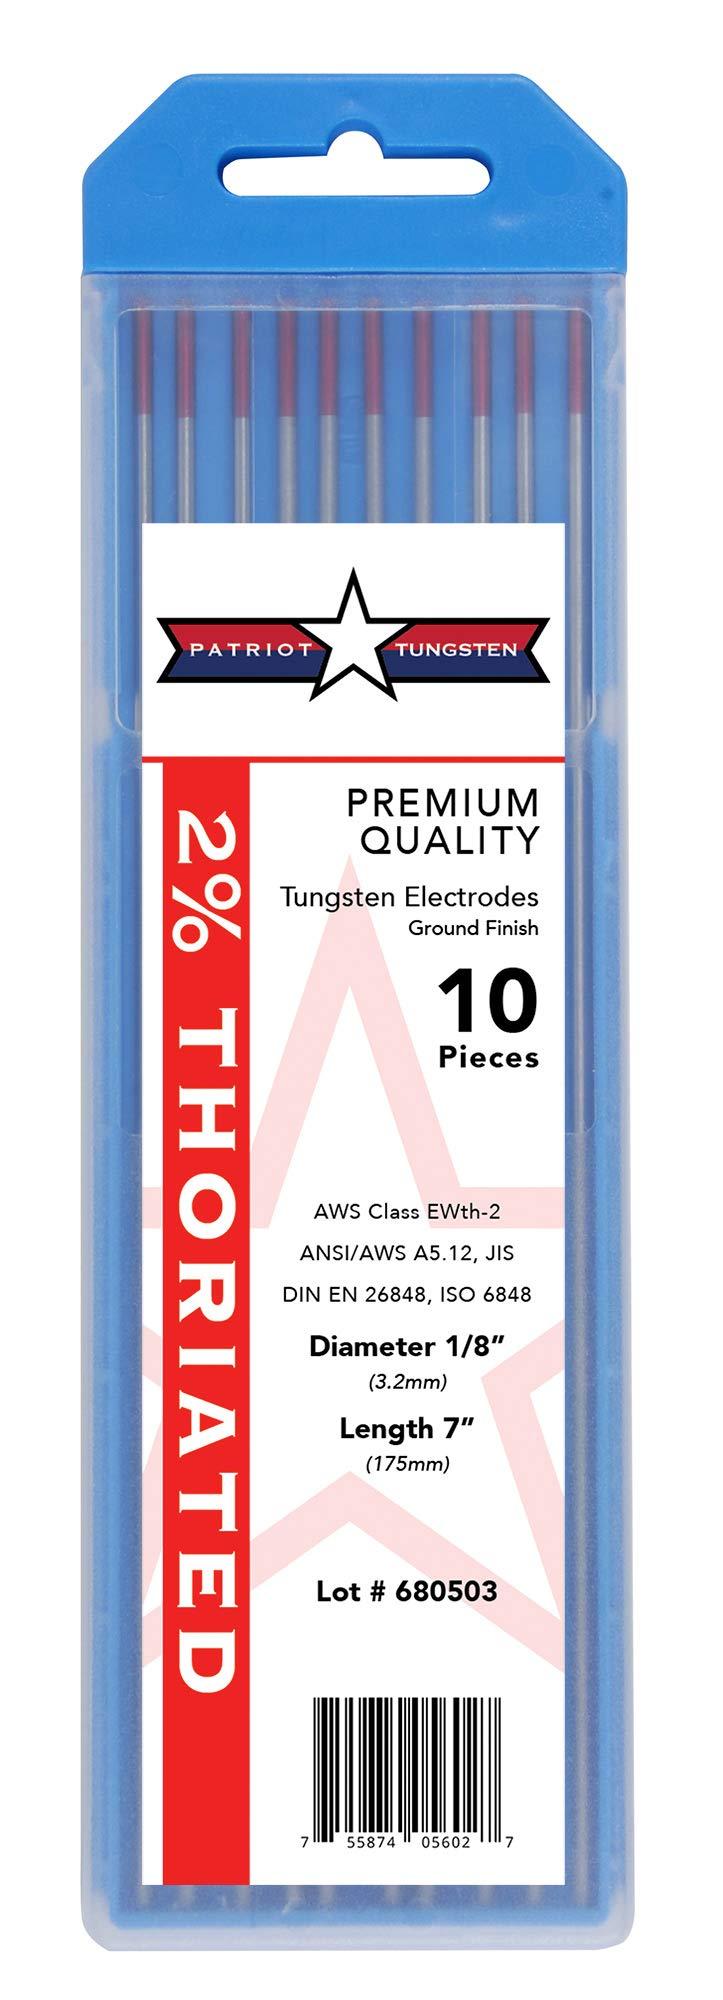 2% Thoriated TIG Welding Tungsten Electrodes 1/8''x7'' 10-Pack by Patriot Tungsten